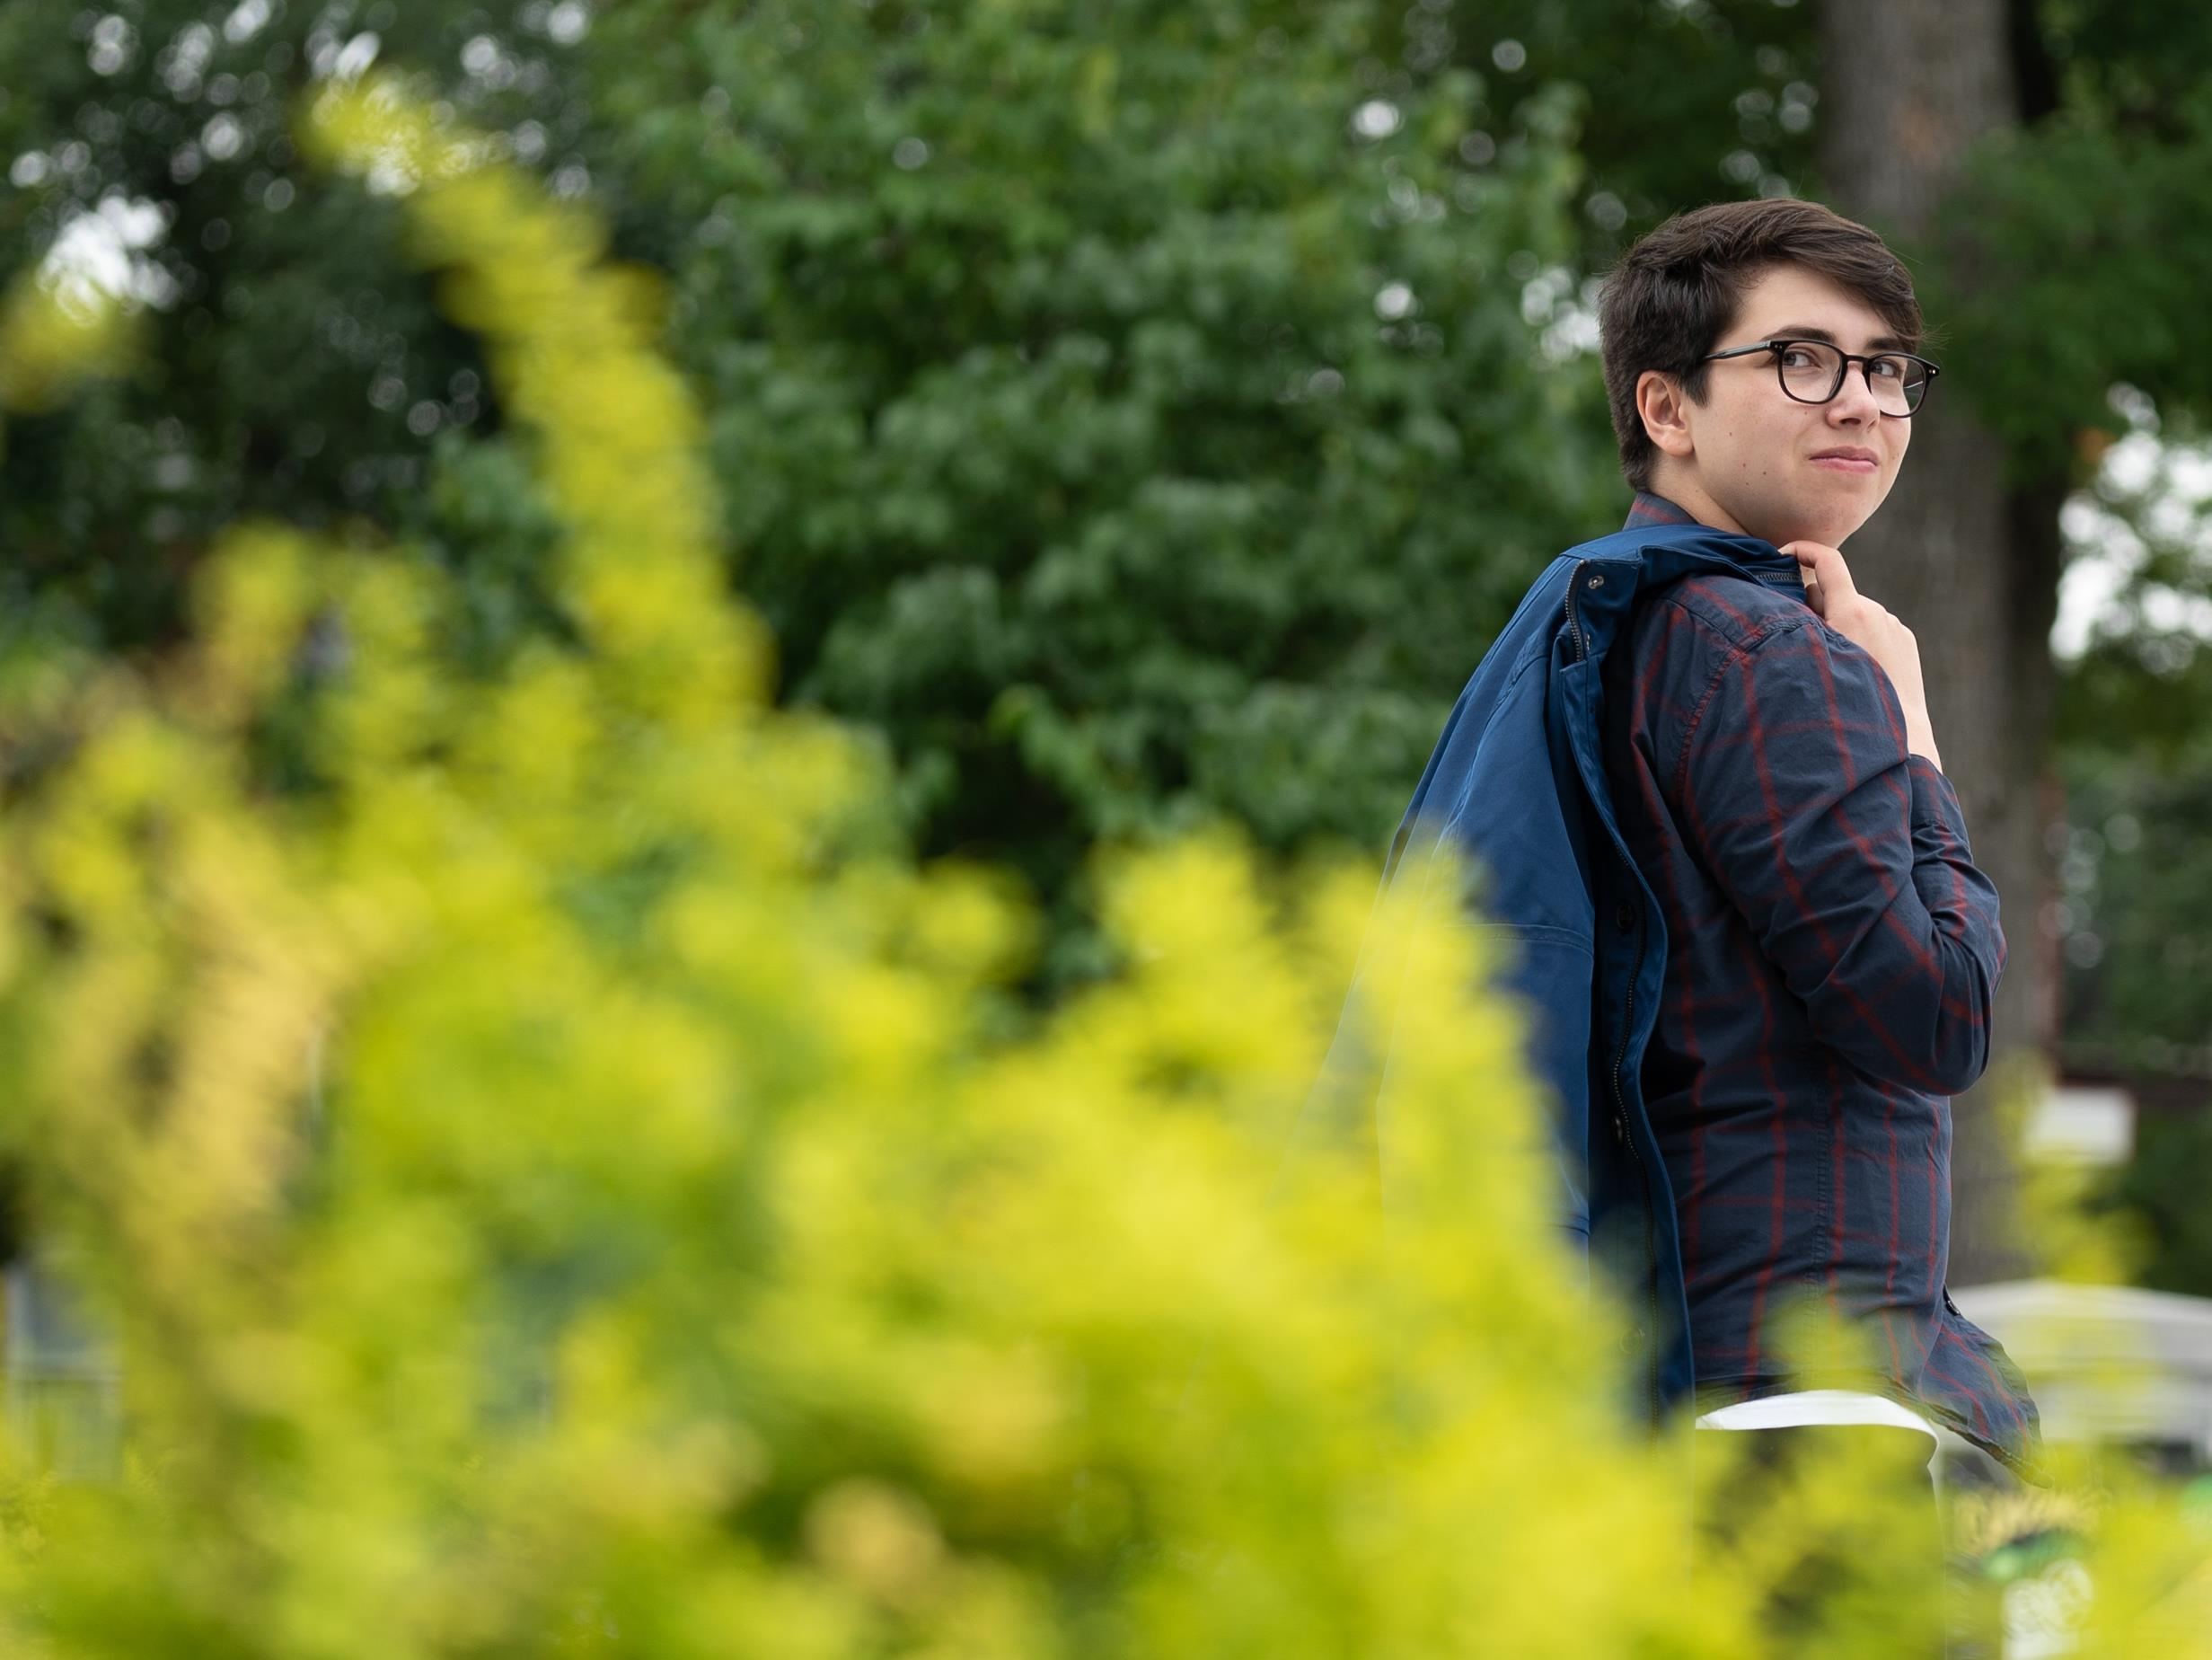 On voit Adam, debout, de profil, dans un parc. Il porte son manteau sur l'épaule.